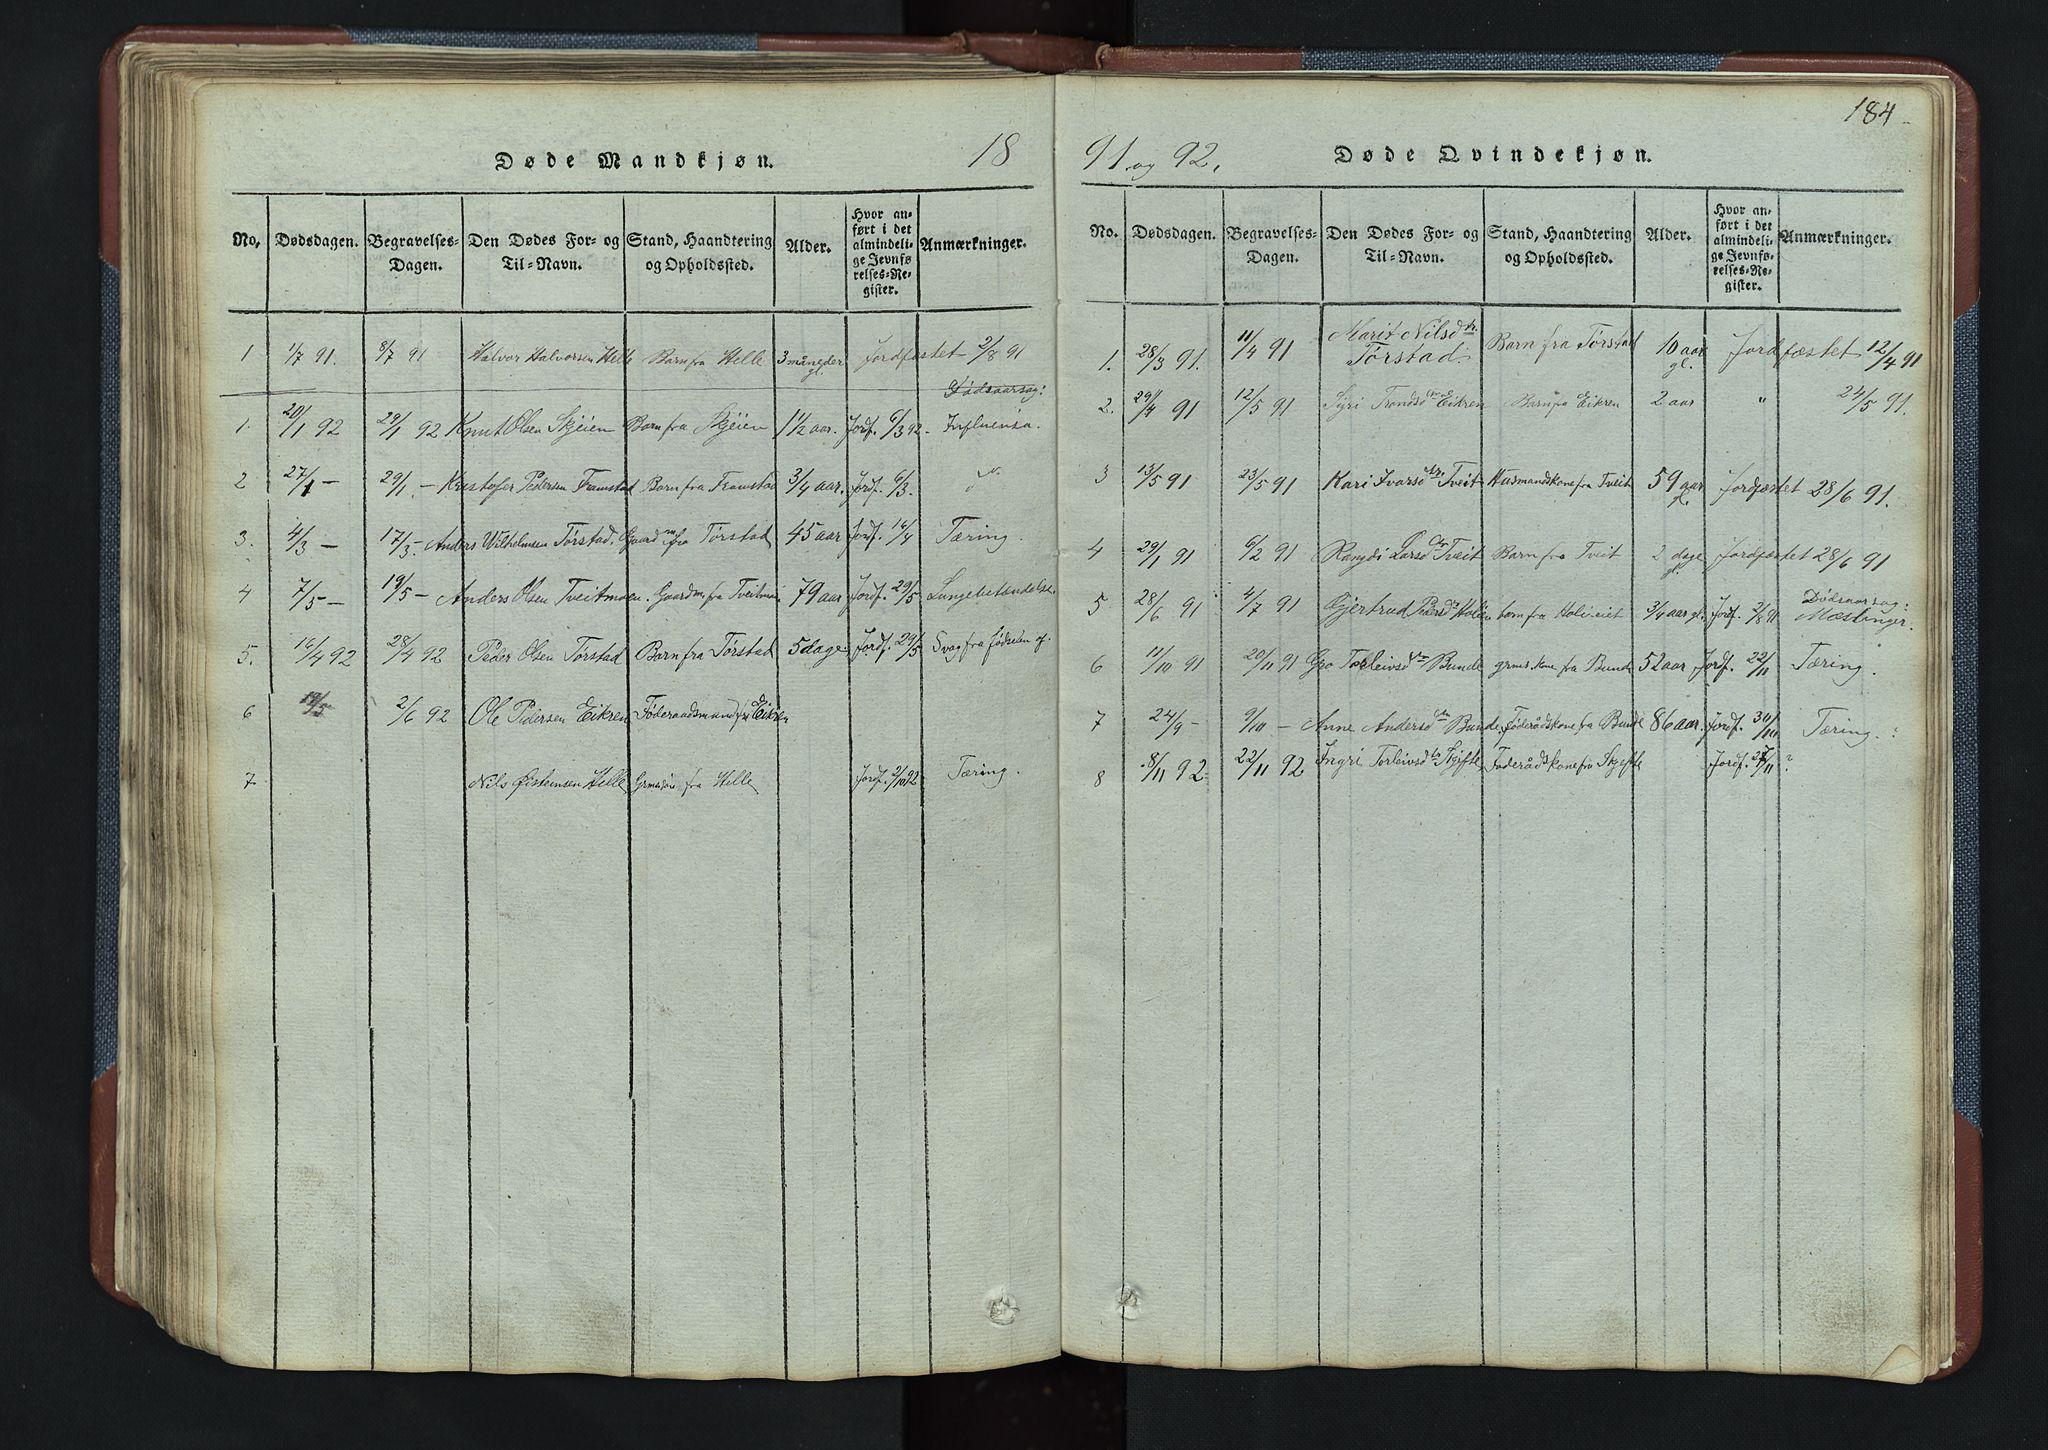 SAH, Vang prestekontor, Valdres, Klokkerbok nr. 3, 1814-1892, s. 184